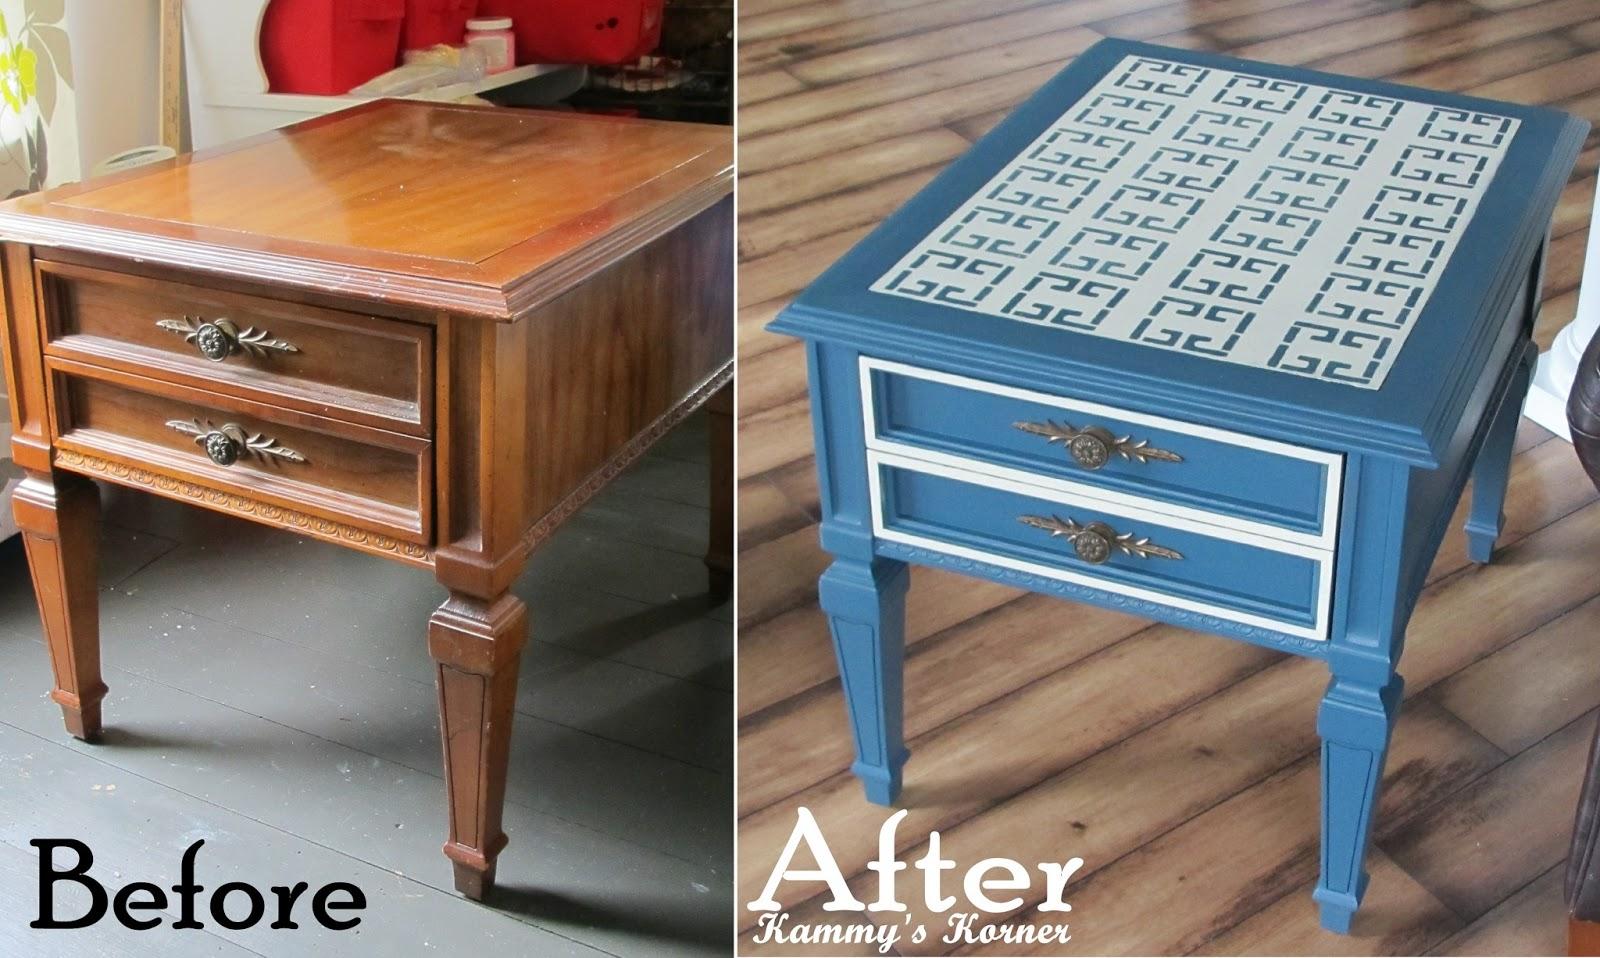 Реставрация советской мебели: фото идеи до и после 34